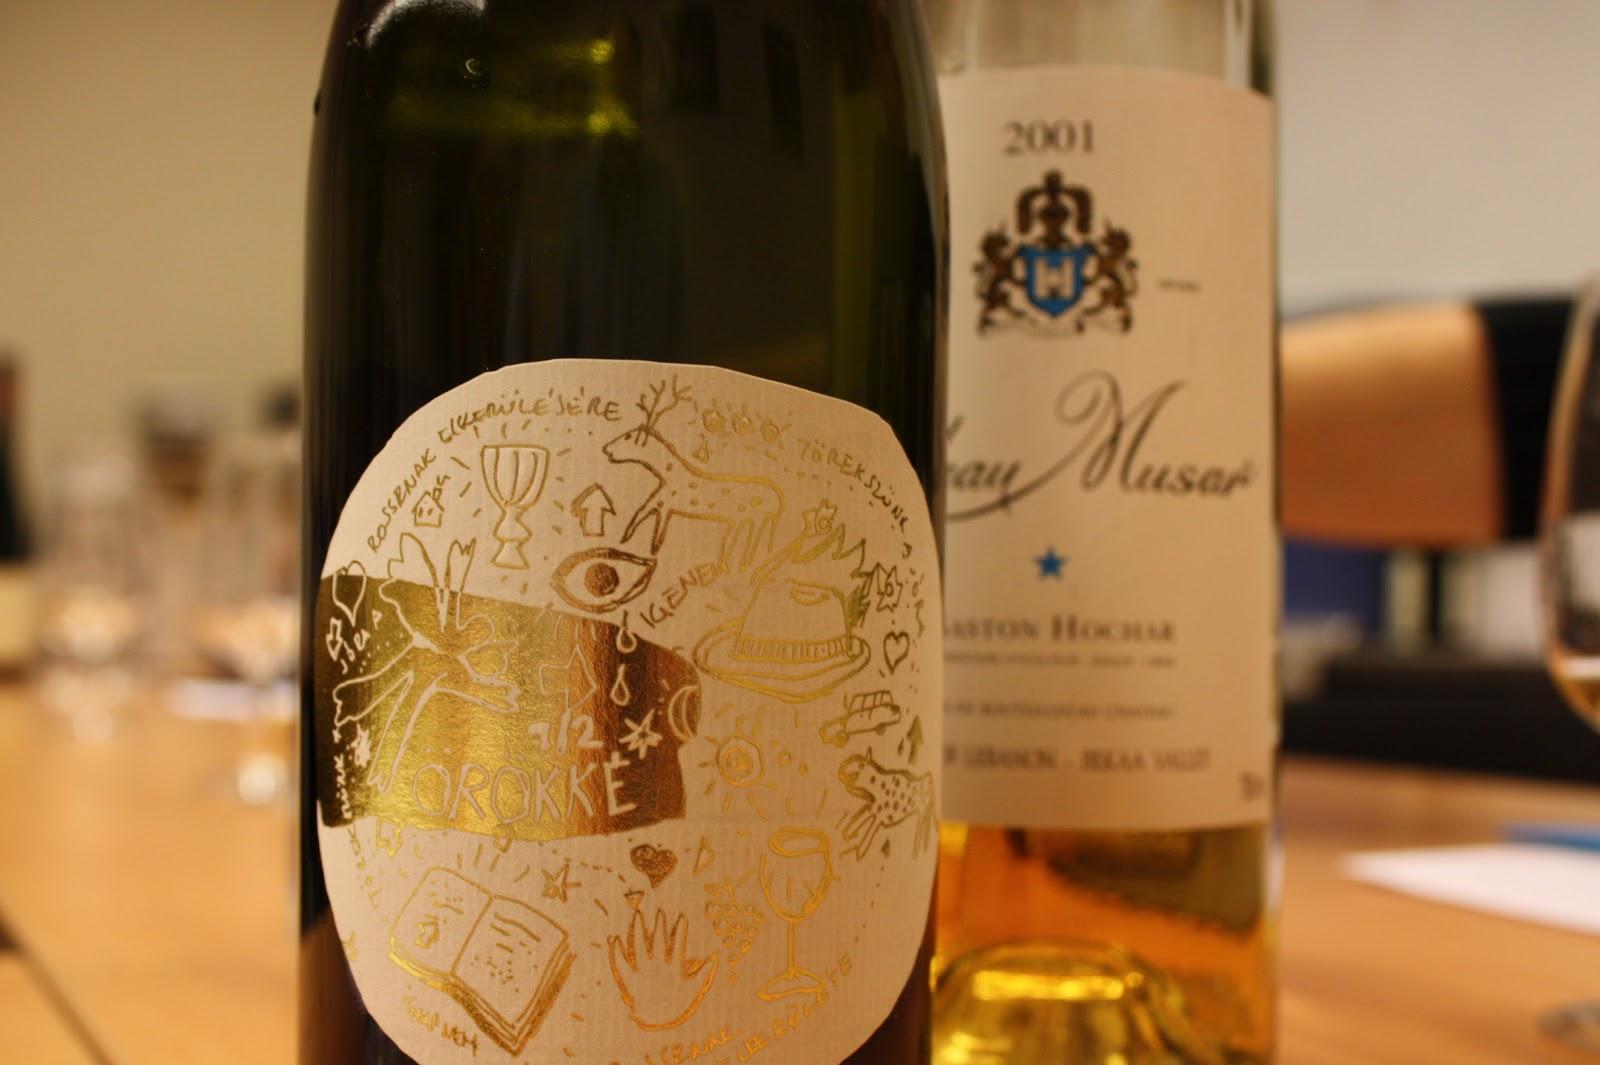 """Prijswinnende wijnen en wijsheid achteraf: """"Eigenlijk onmiskenbaar, bij nader inzien"""""""